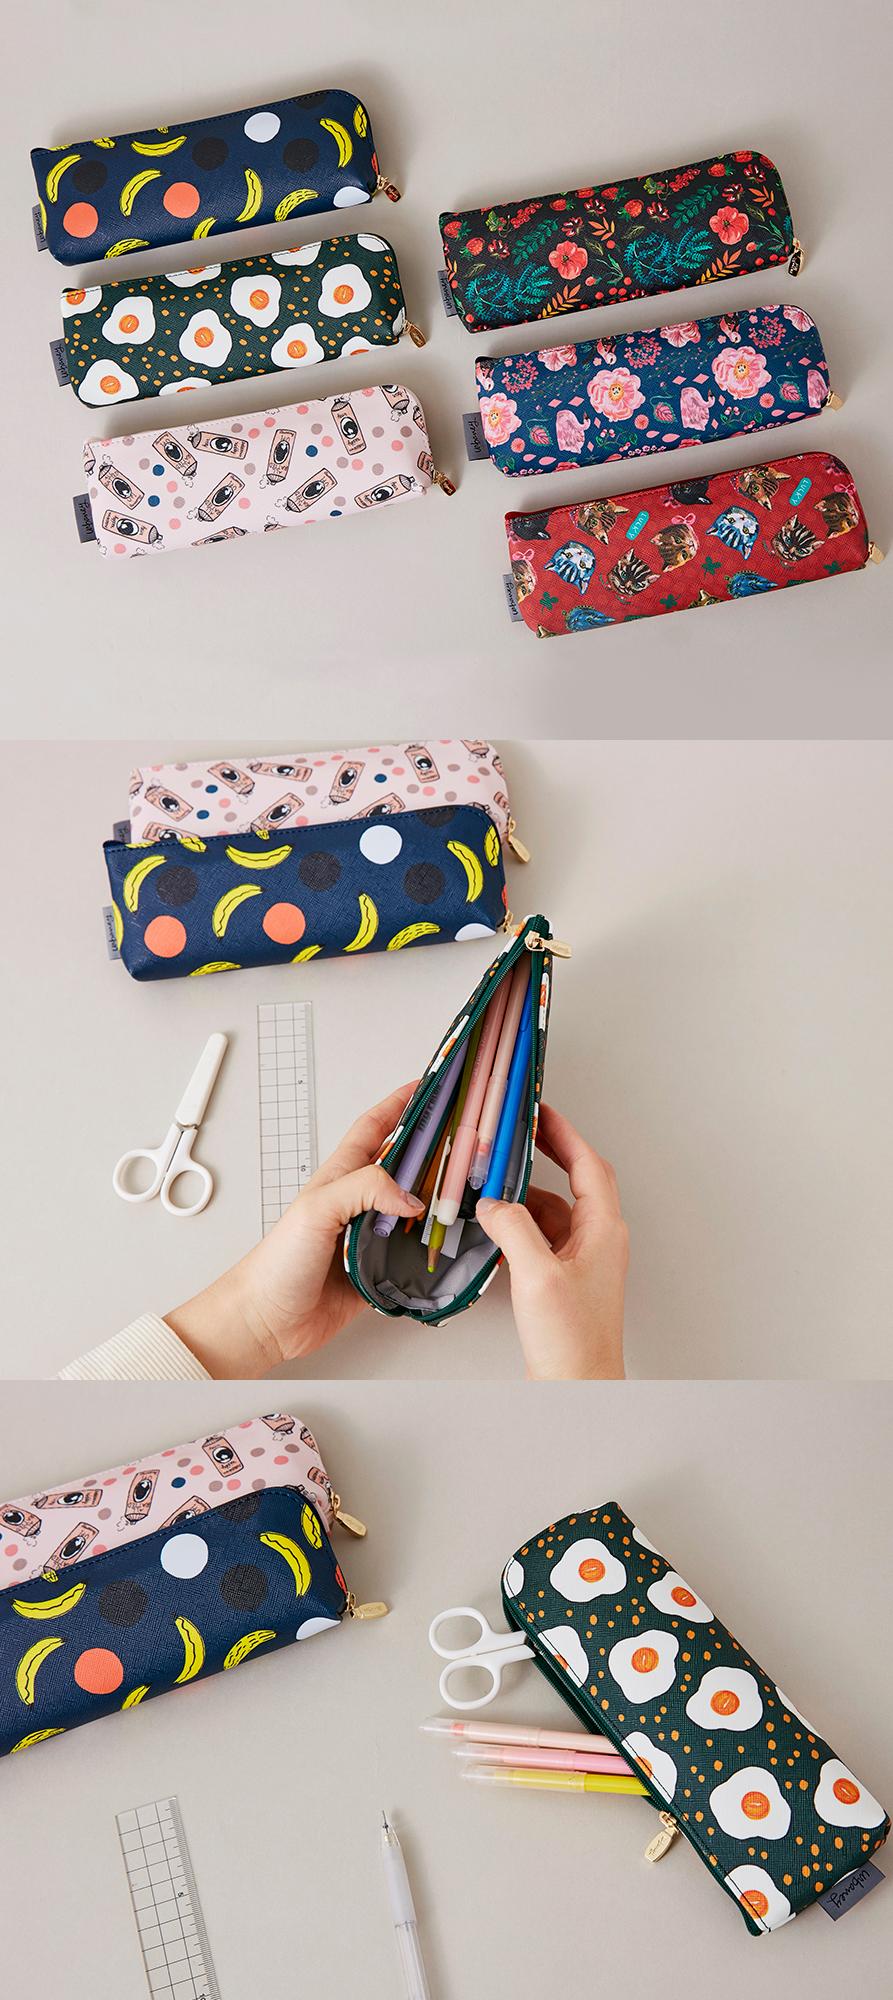 *波普艺术笔盒*是一个可爱又有趣的铅笔袋!它有6种独特的风格,以可乐...